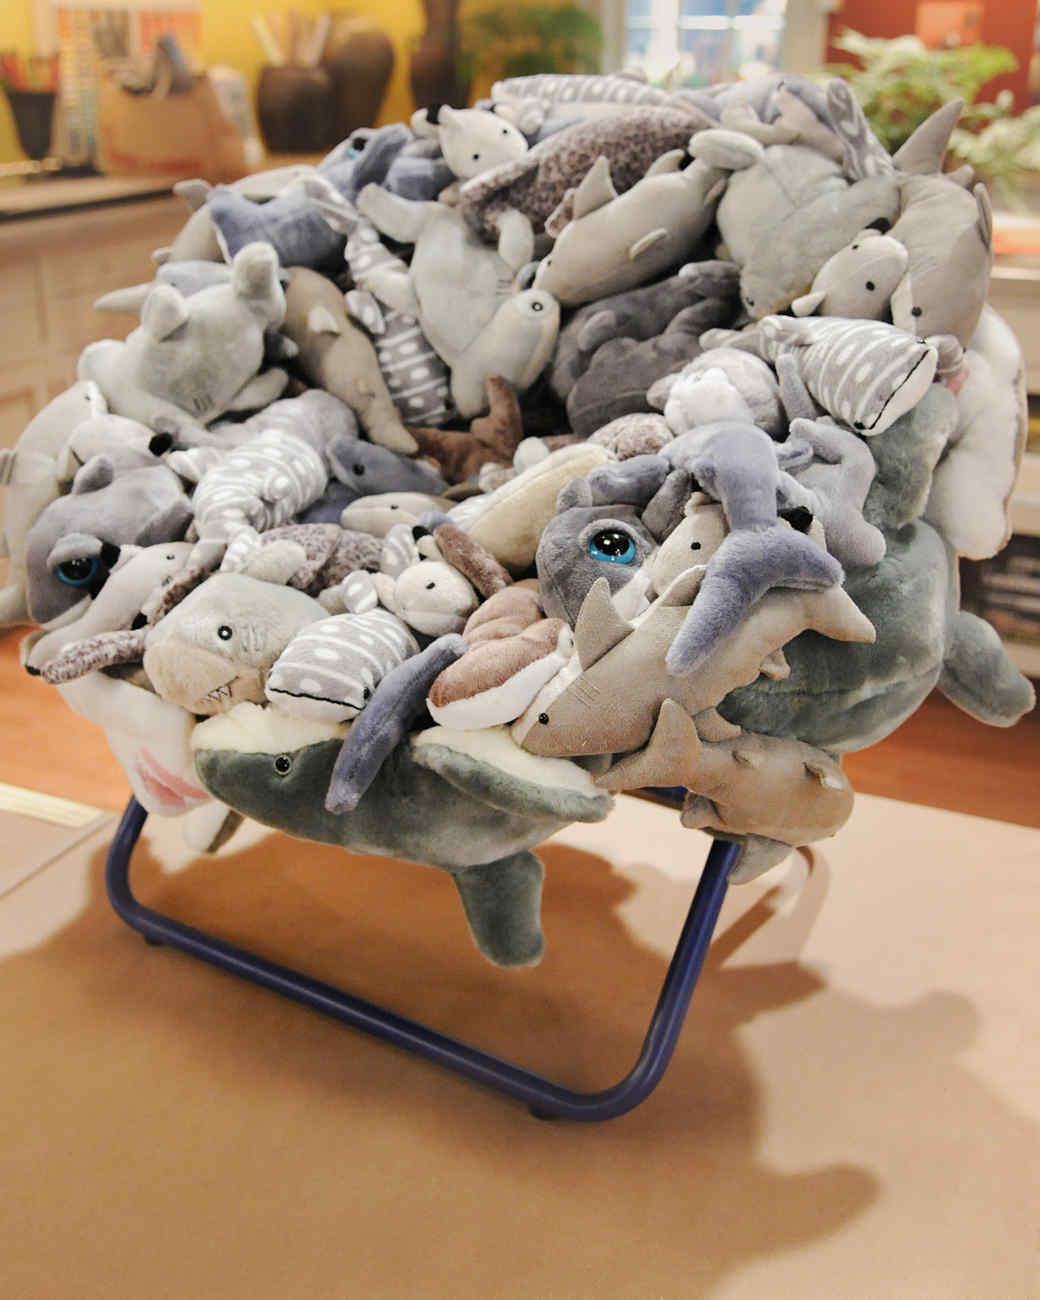 Stuffed-Animal Chair